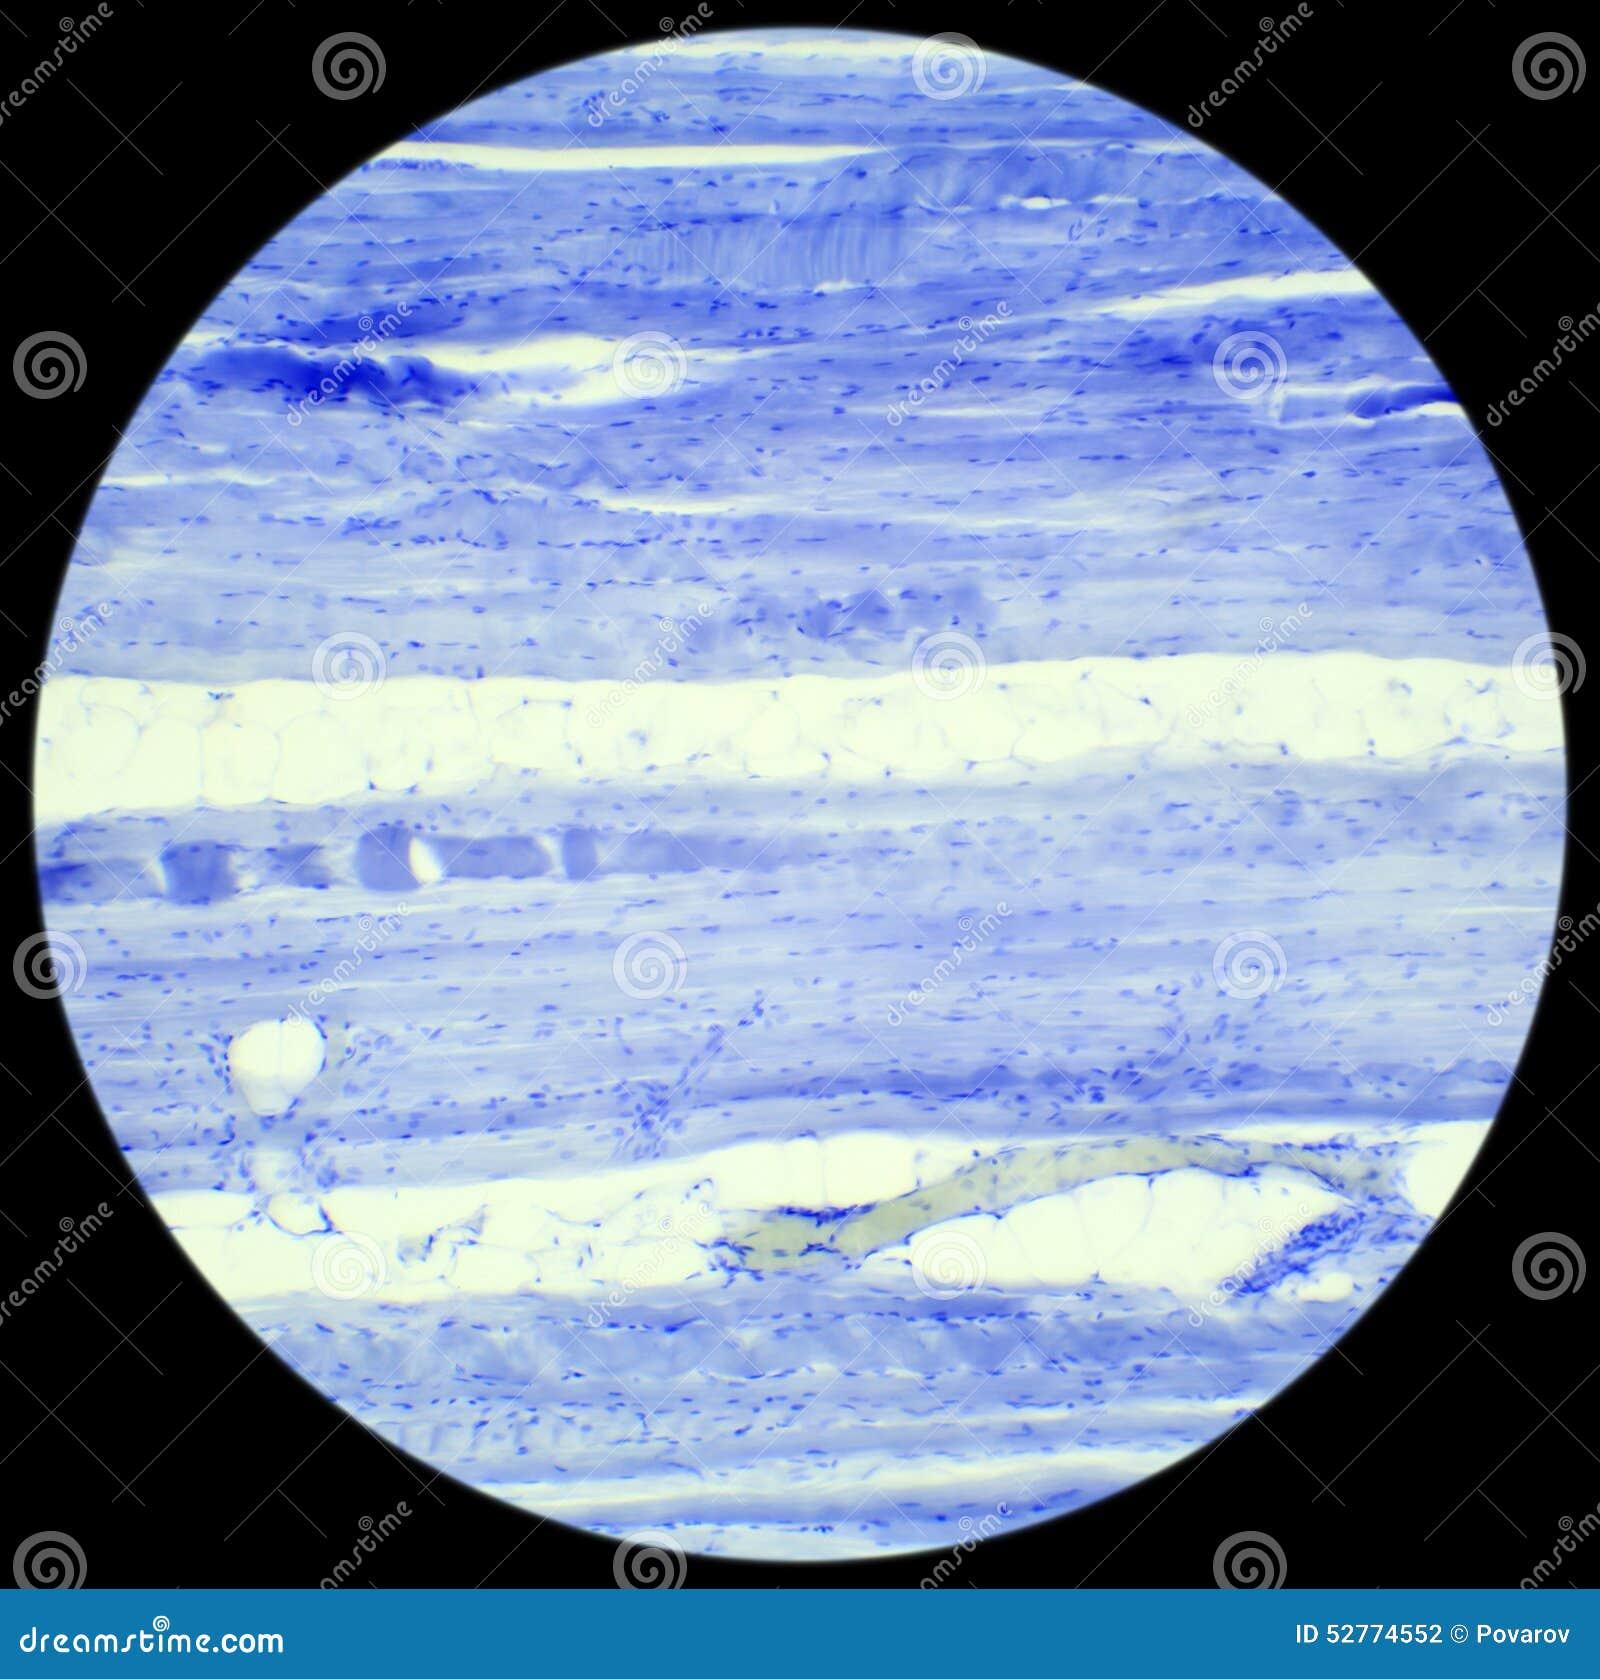 Продольный разрез ткани скелетной мышцы под микроскопом,